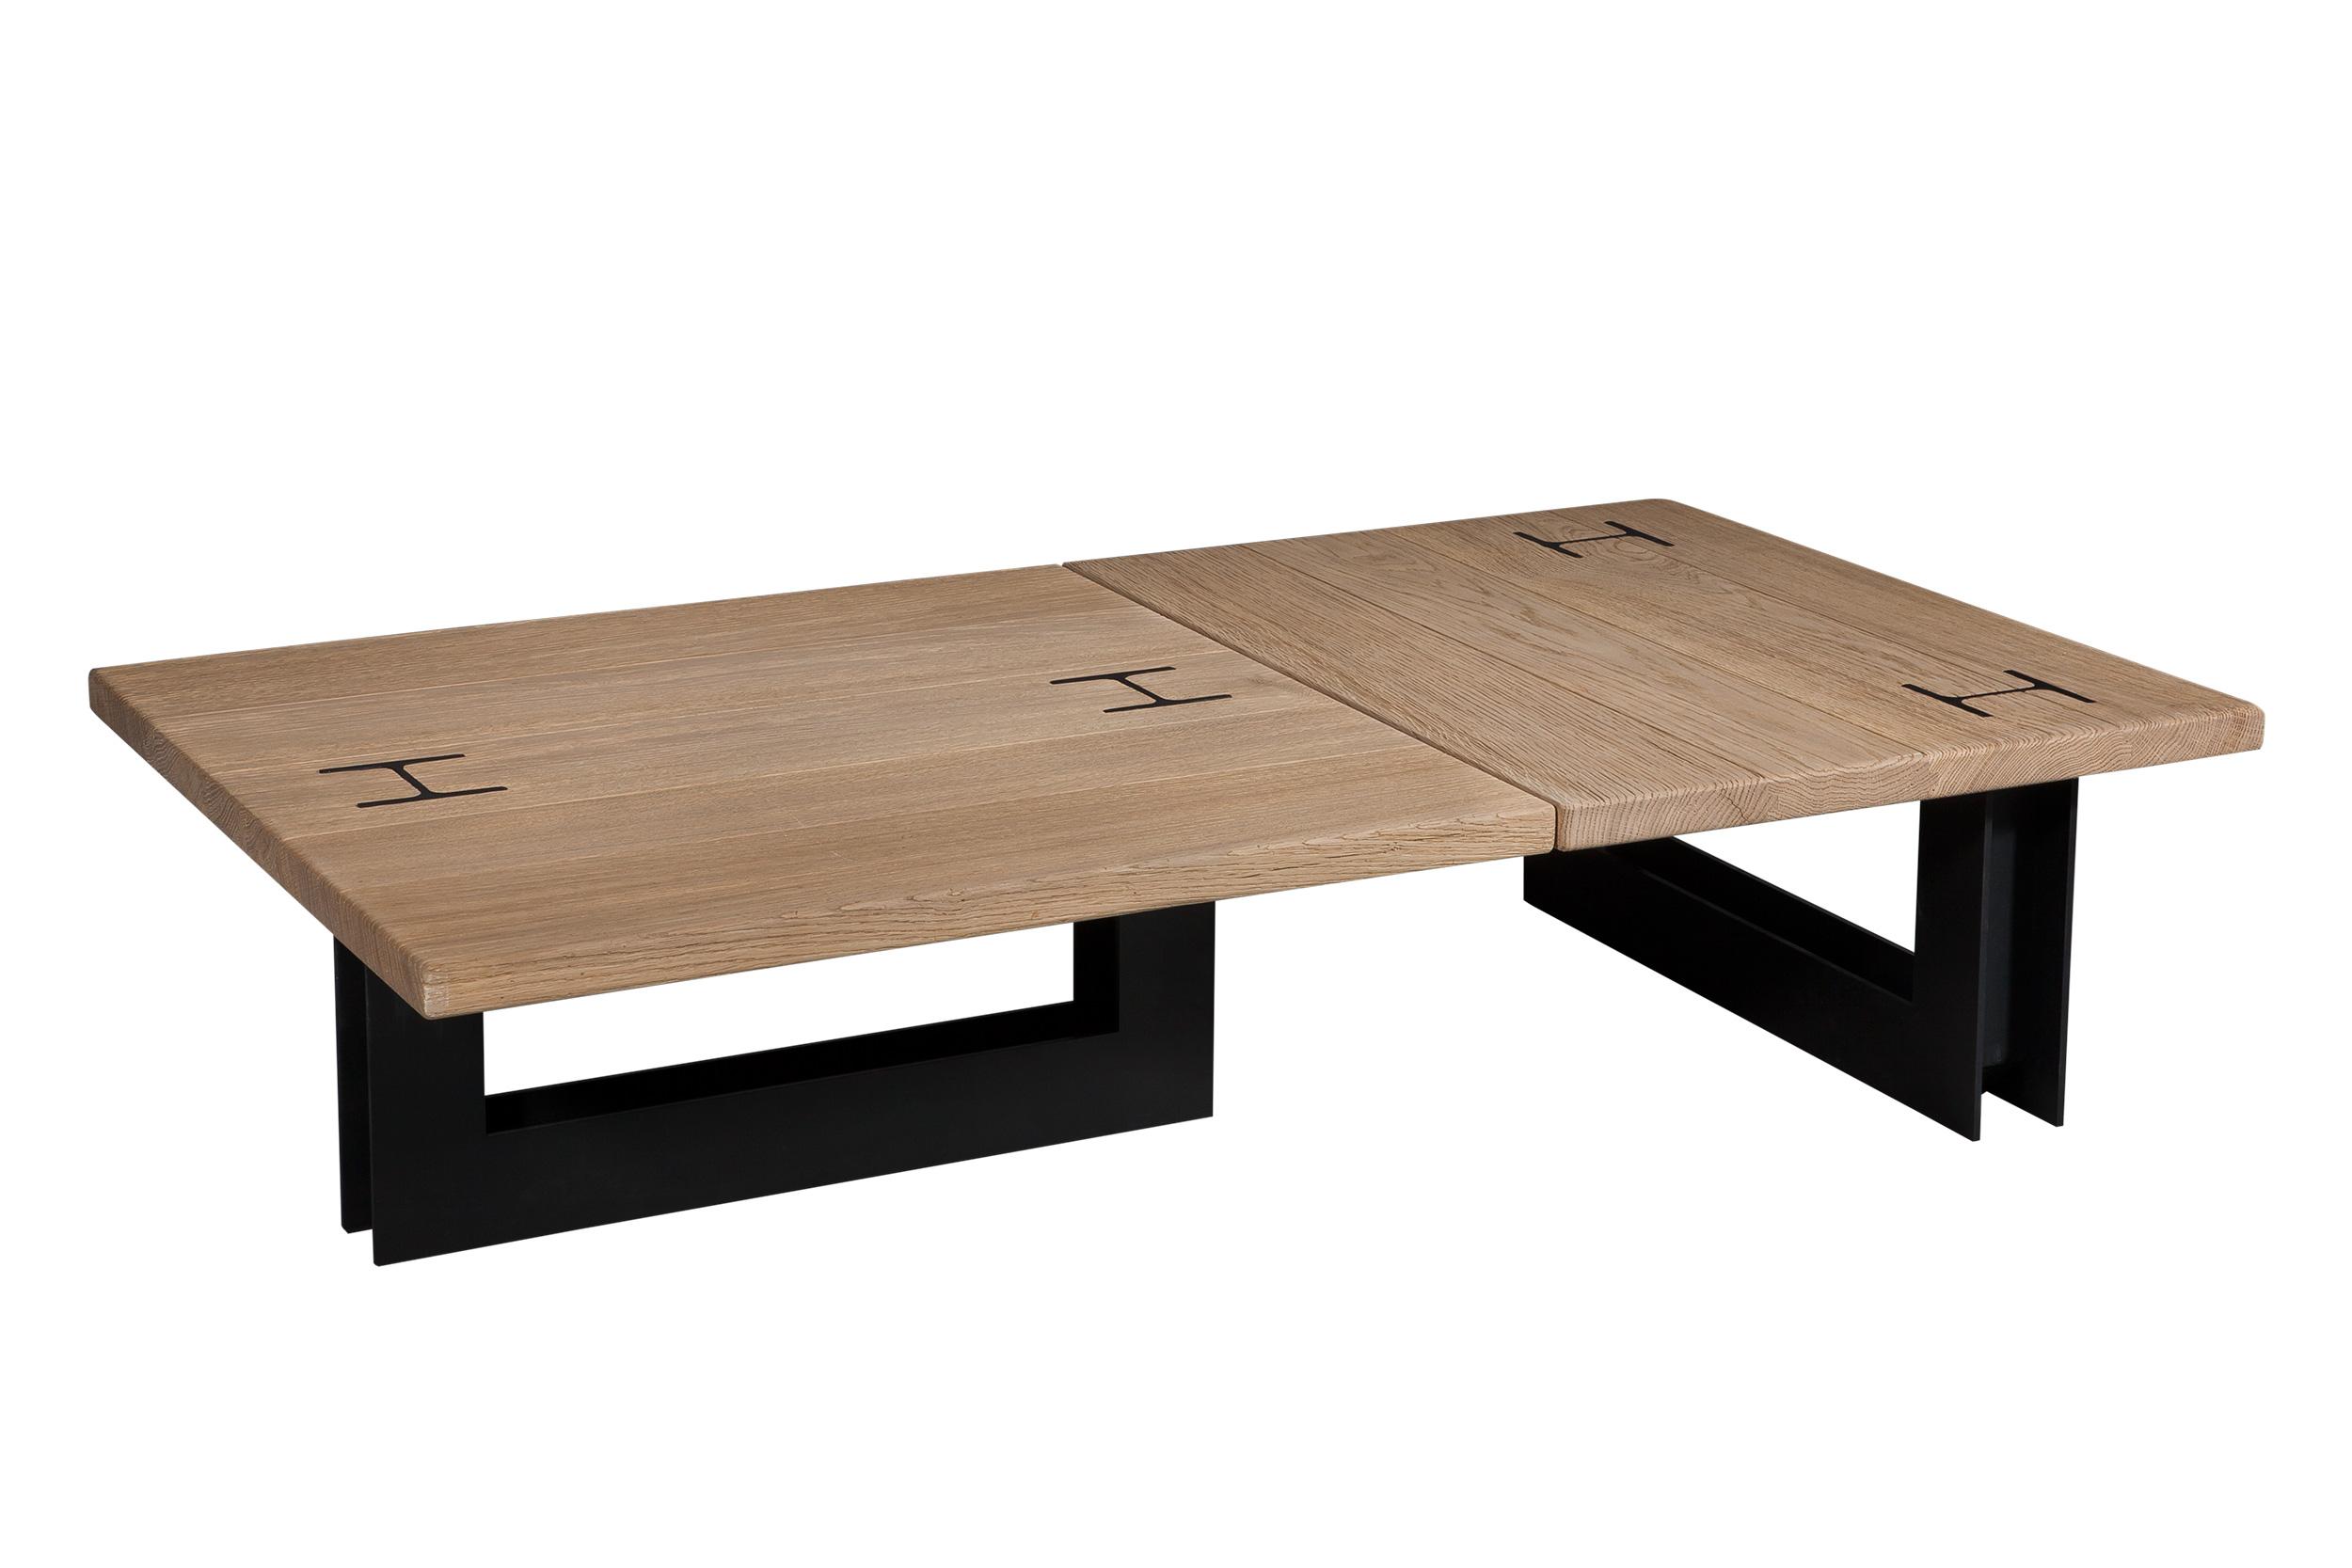 Table c ramique ou bois michel ferrand meubles steinmetz - Meubles steinmetz ...